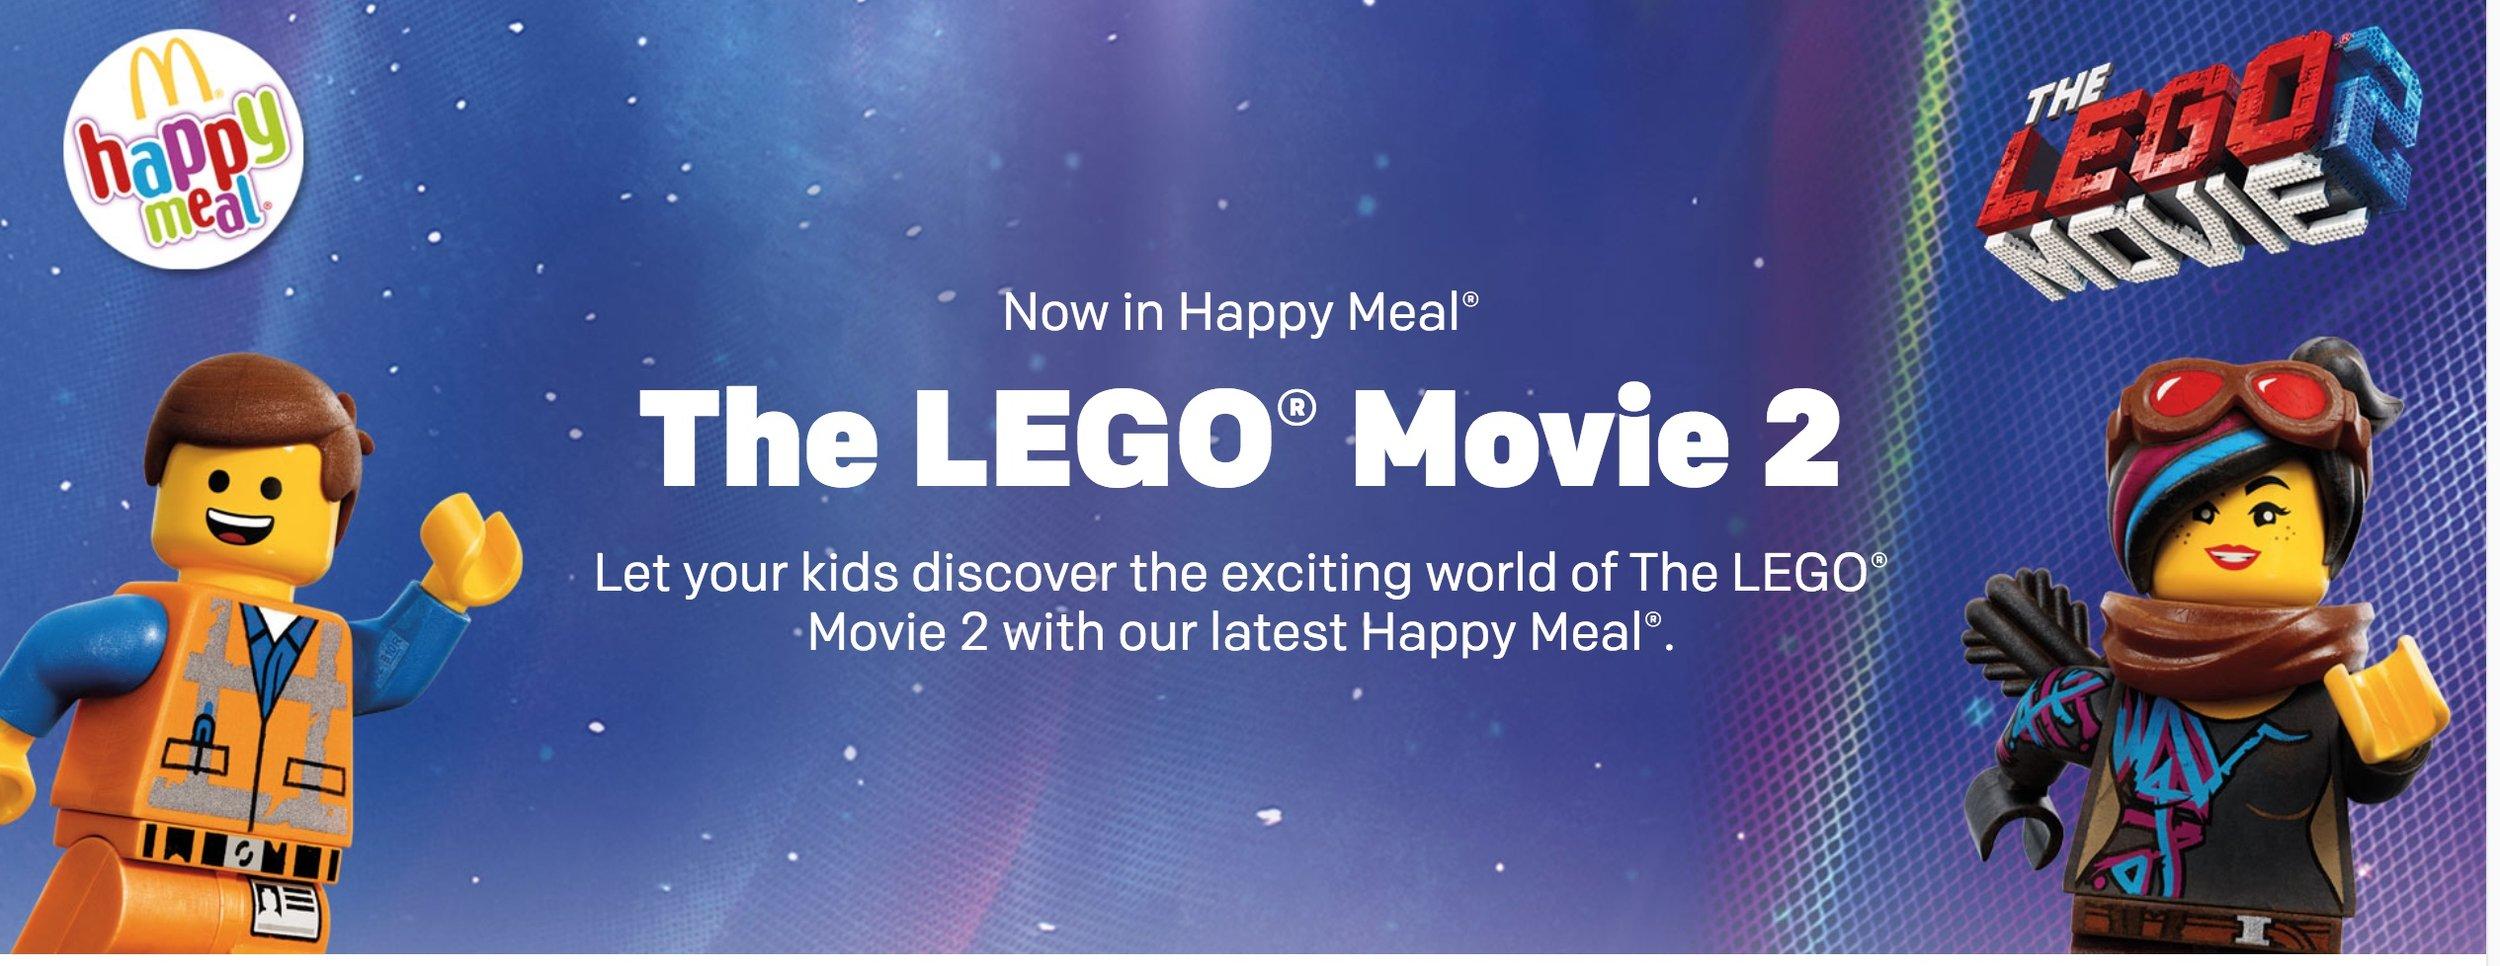 Lego movie 2 2 .jpeg